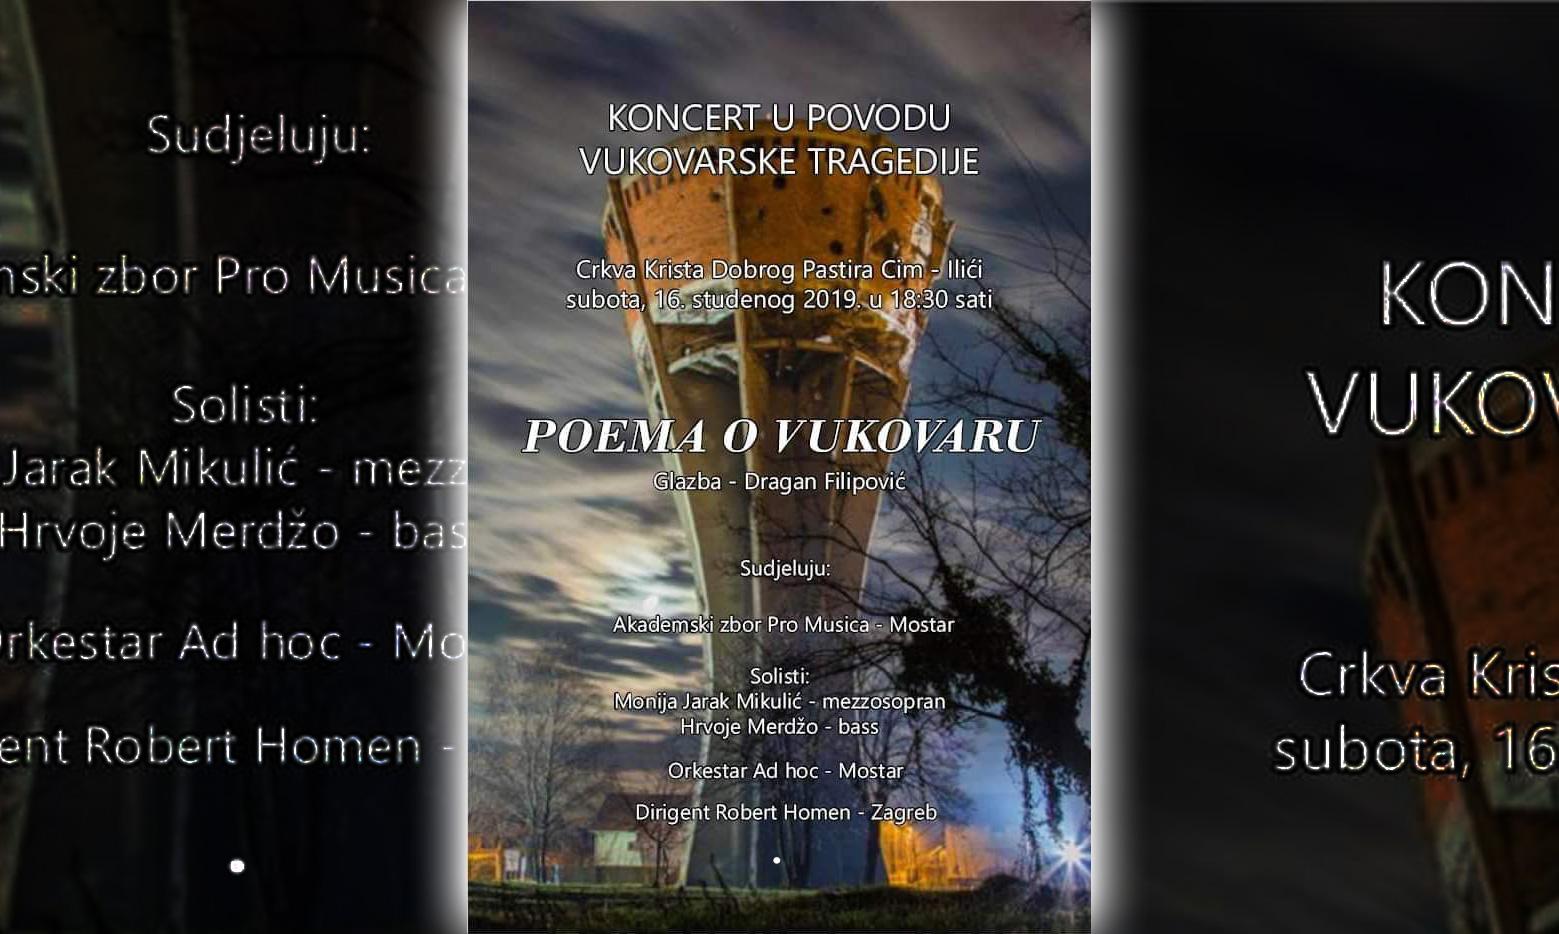 Poema o Vukovaru